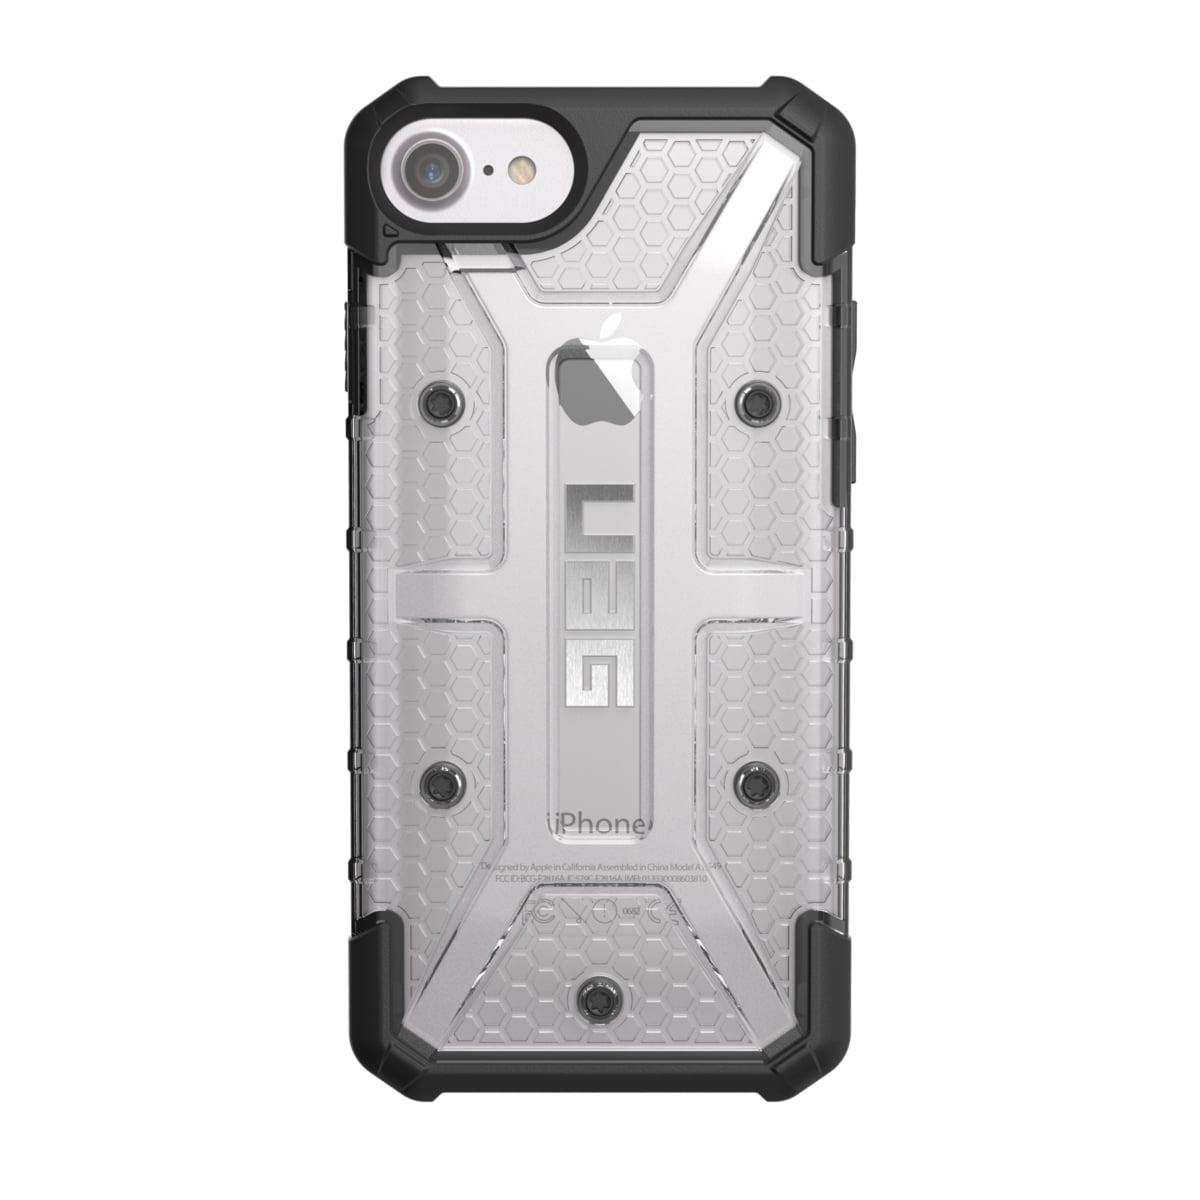 美國軍規 UAG 耐衝擊保護殻iPhone6/7/8 4.7吋-透明